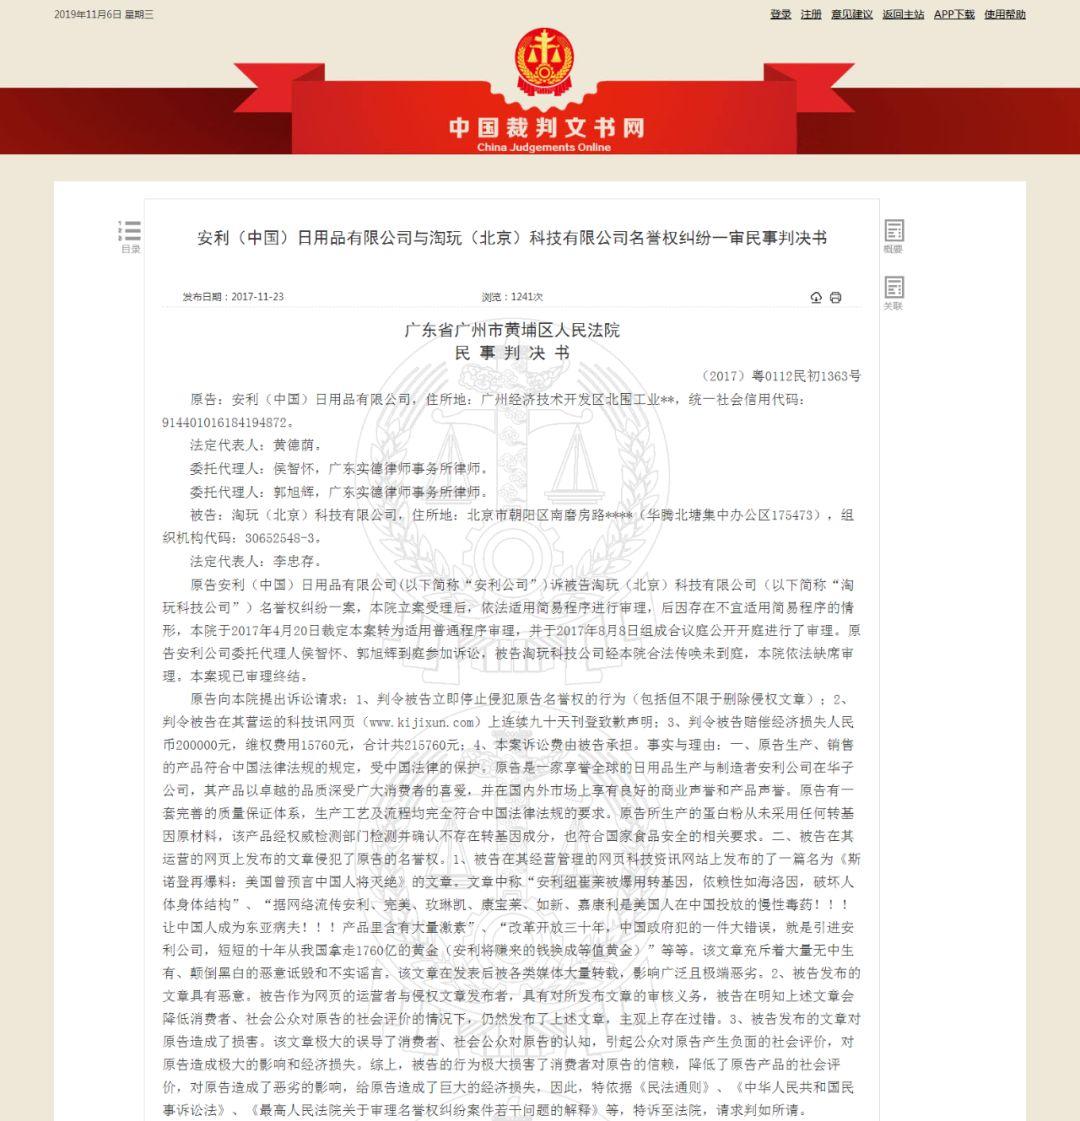 pc蛋蛋官方群:普及区块链知识 火币中国完成百场大讲堂活动